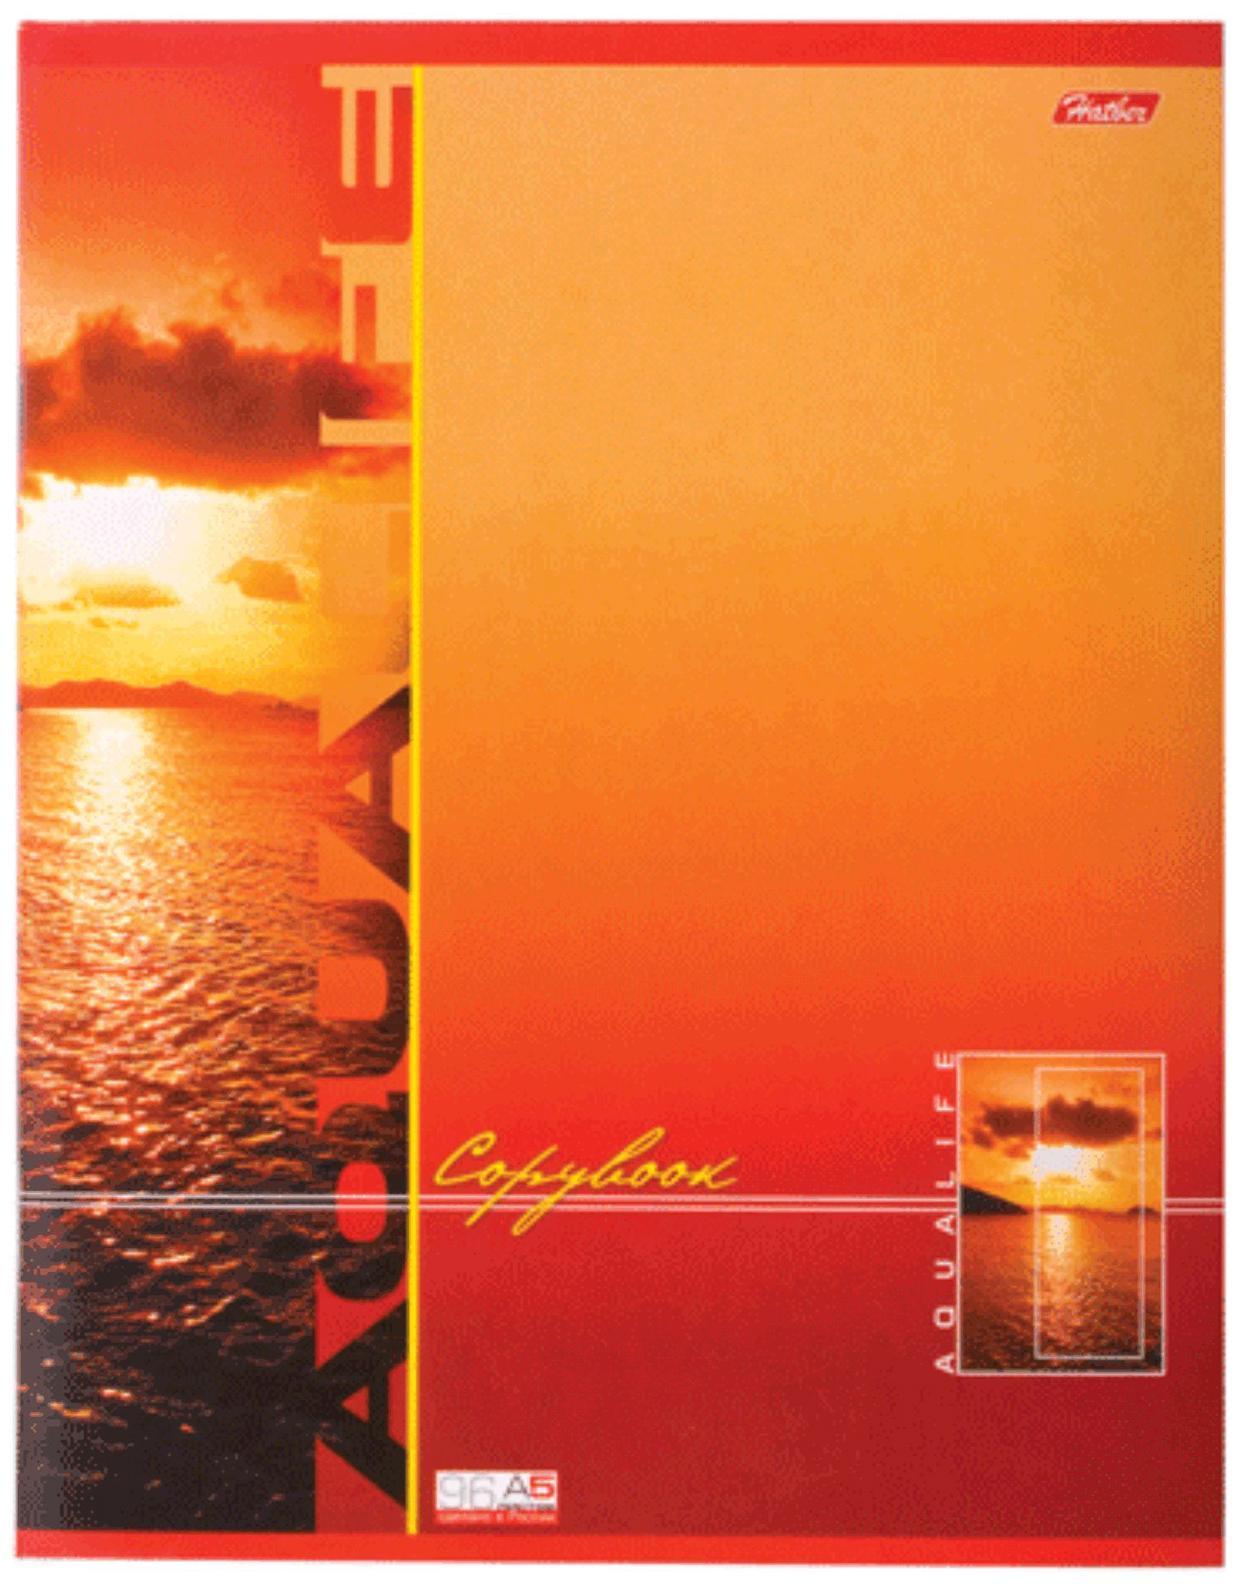 Тетрадь 96л А5ф клетка на скобе серия -Аквалайф-, цвет: оранжевый96Т5B1_оранжевая96Т5B1 Тетрадь 96л А5ф клетка на скобе серия -Аквалайф-, цвет: оранжевый